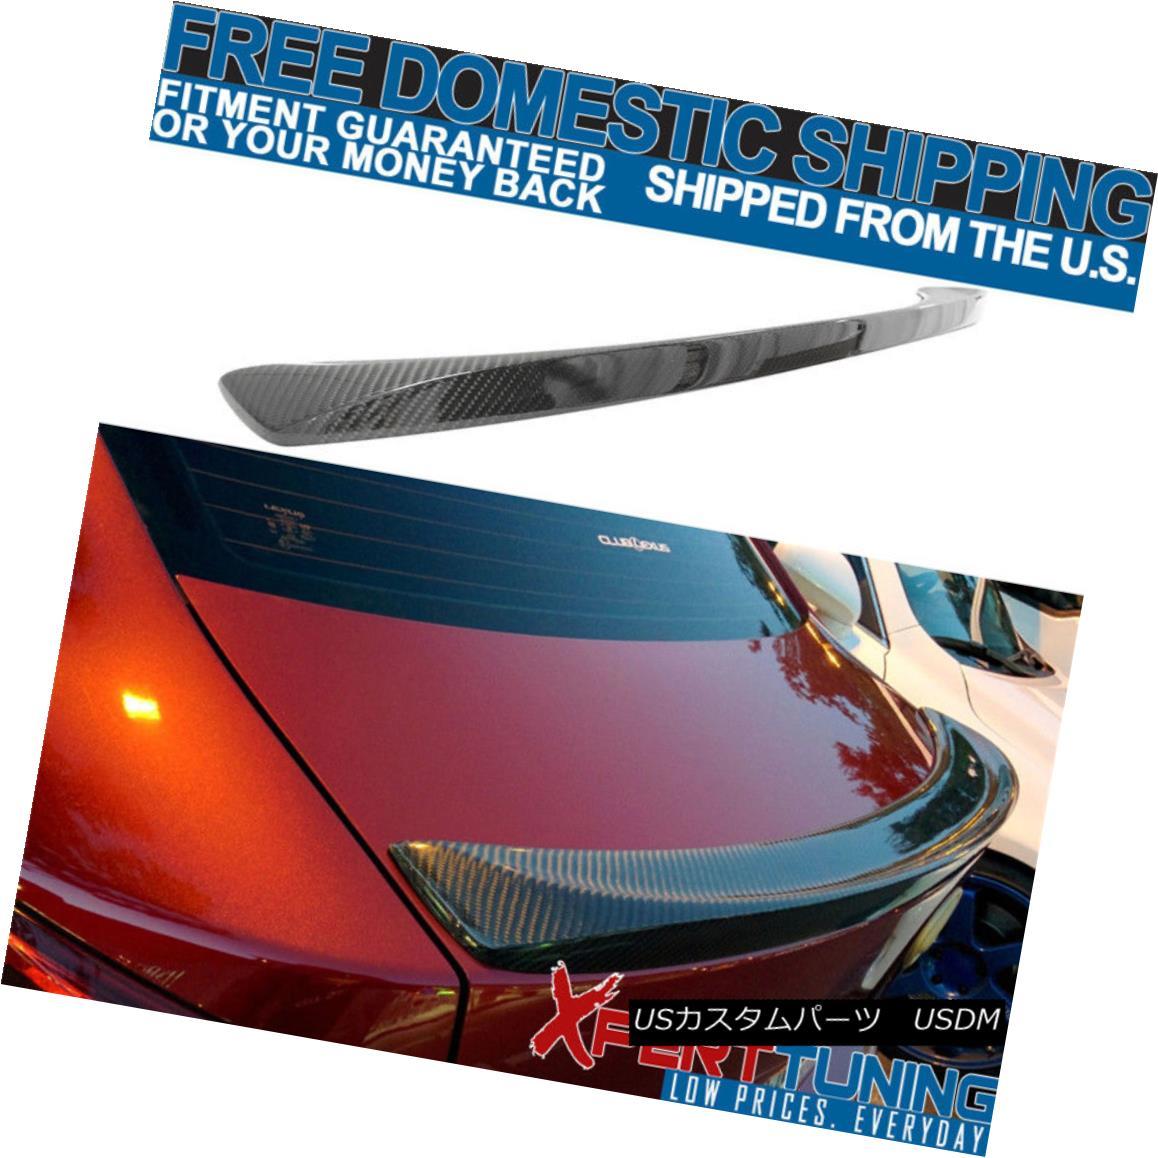 エアロパーツ Fit For 06-13 Lexus IS250 IS350 ISF Sport Style Carbon Fiber CF Trunk Spoiler フィット06-13レクサスIS250 IS350 ISFスポーツスタイルカーボンファイバーCFトランクスポイラー